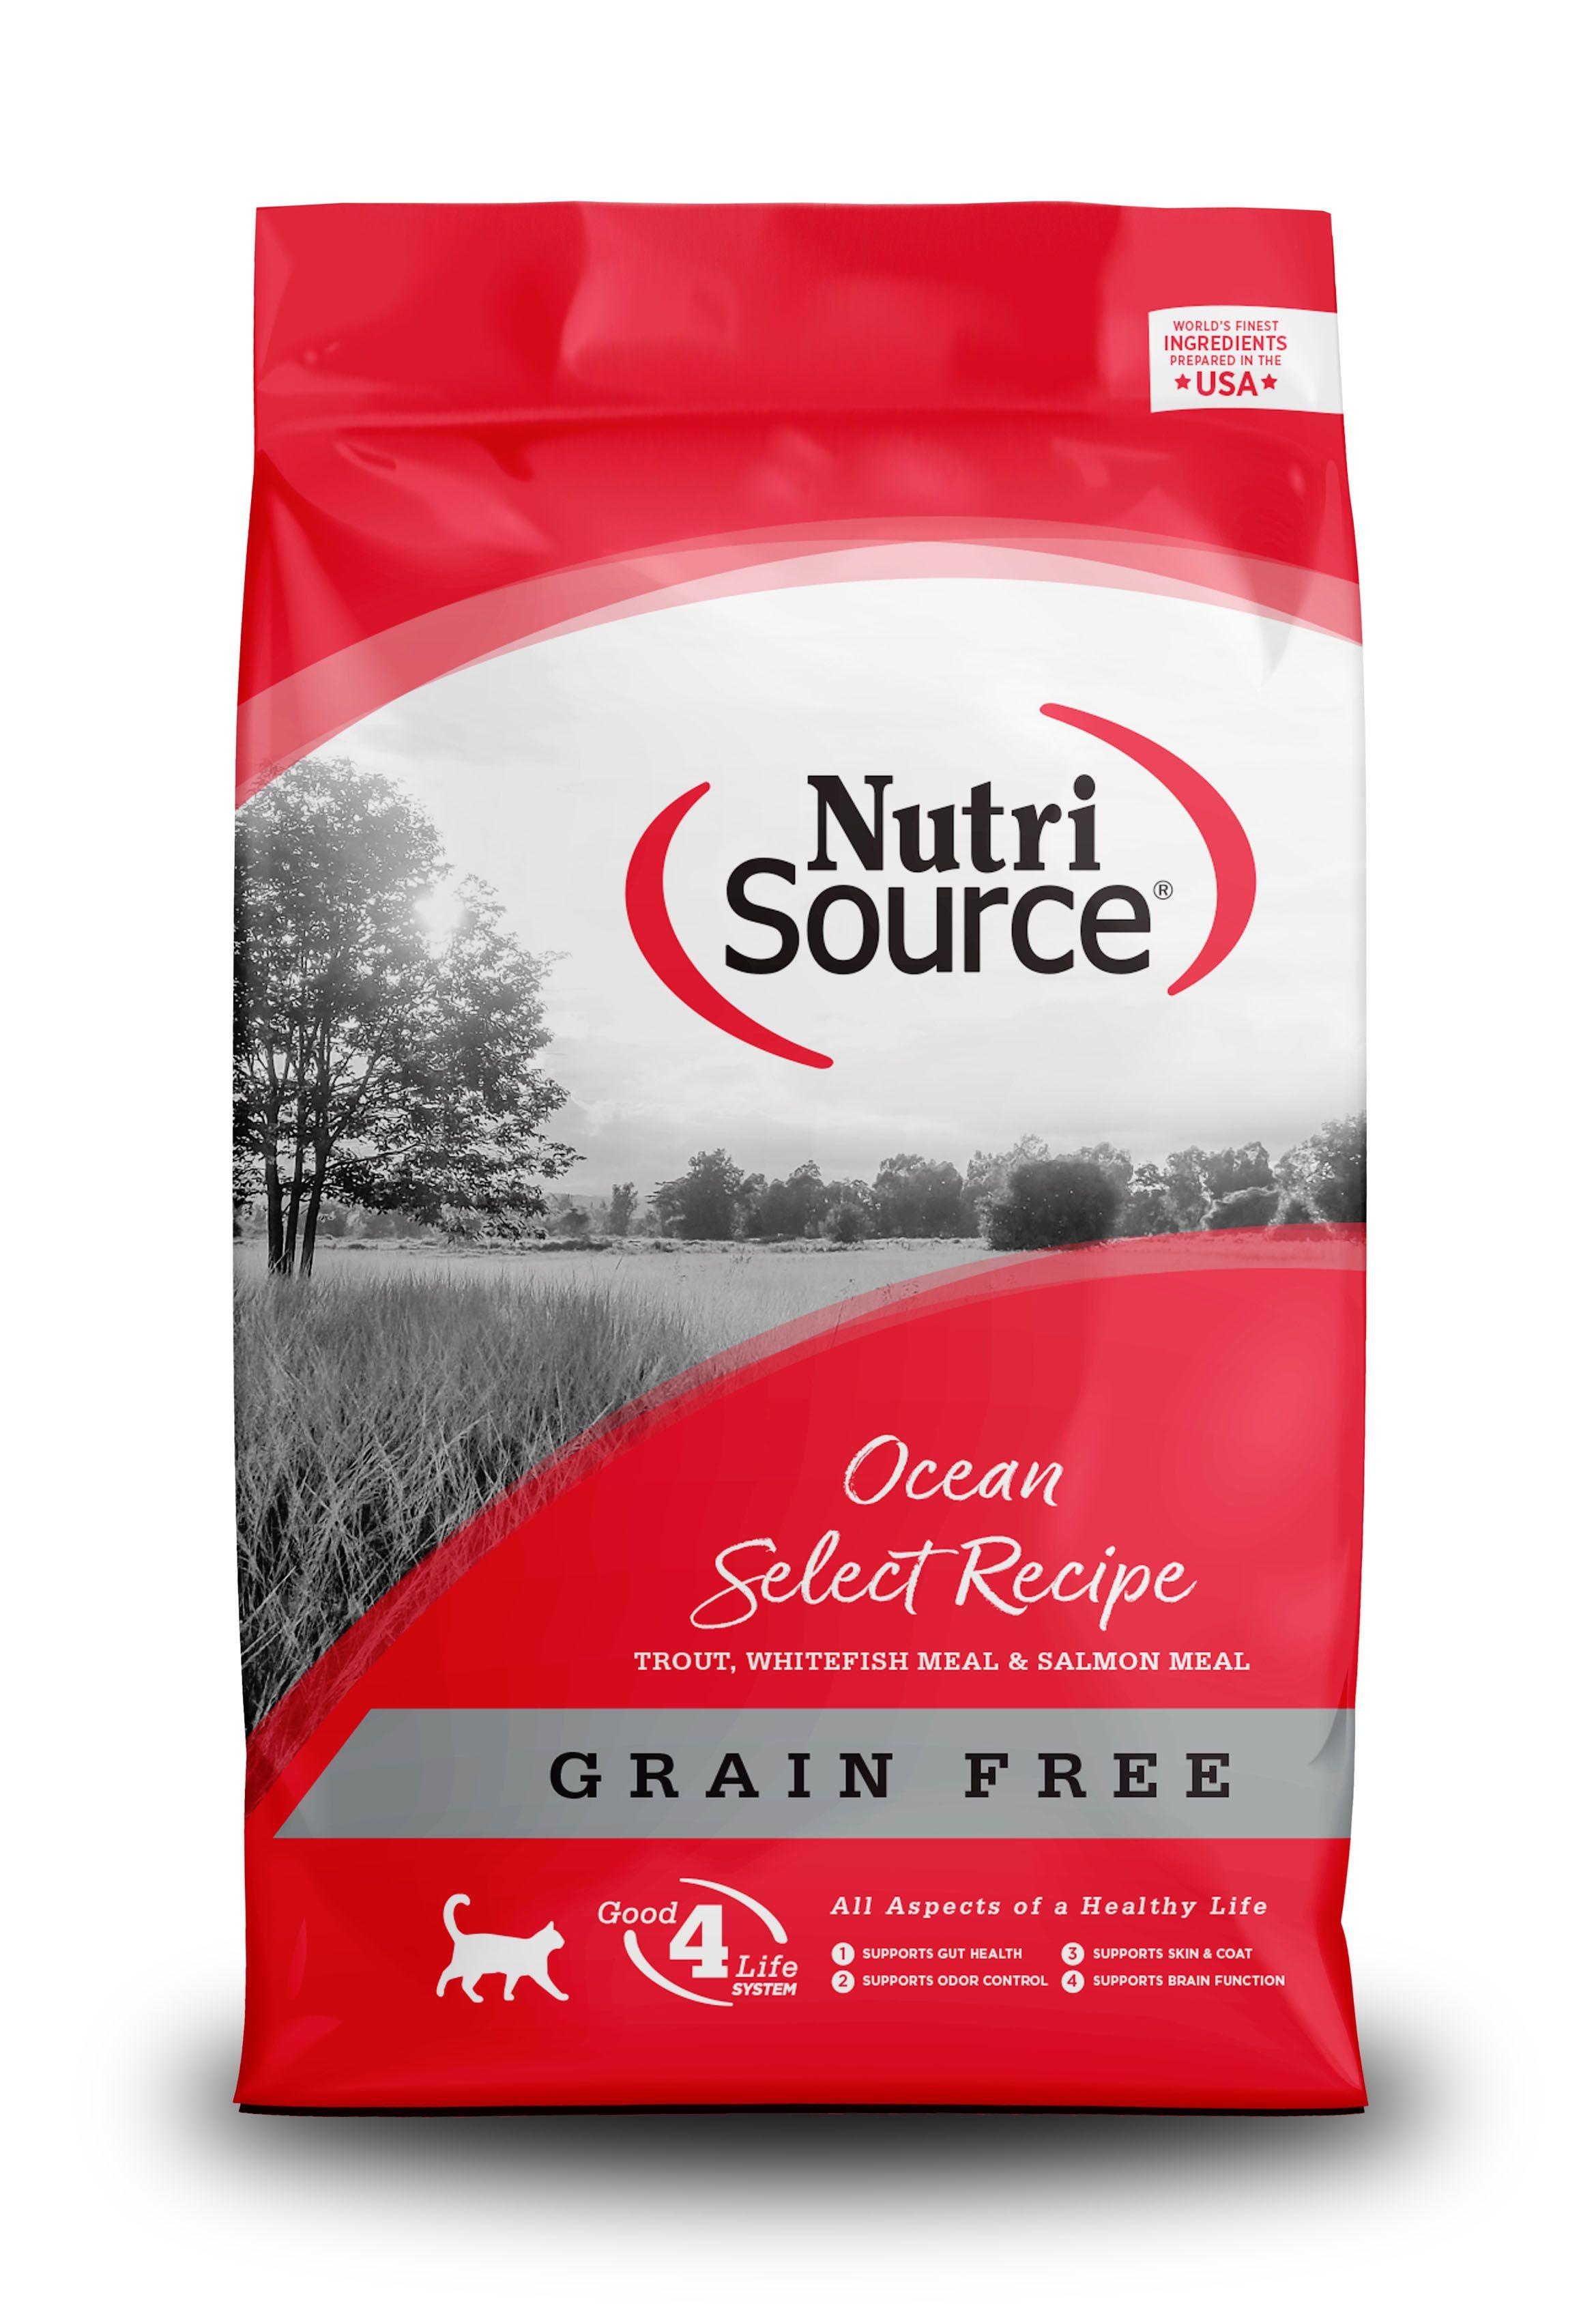 NutriSource Grain Free Ocean Select Entree Dry Cat Food, 6.6-lb